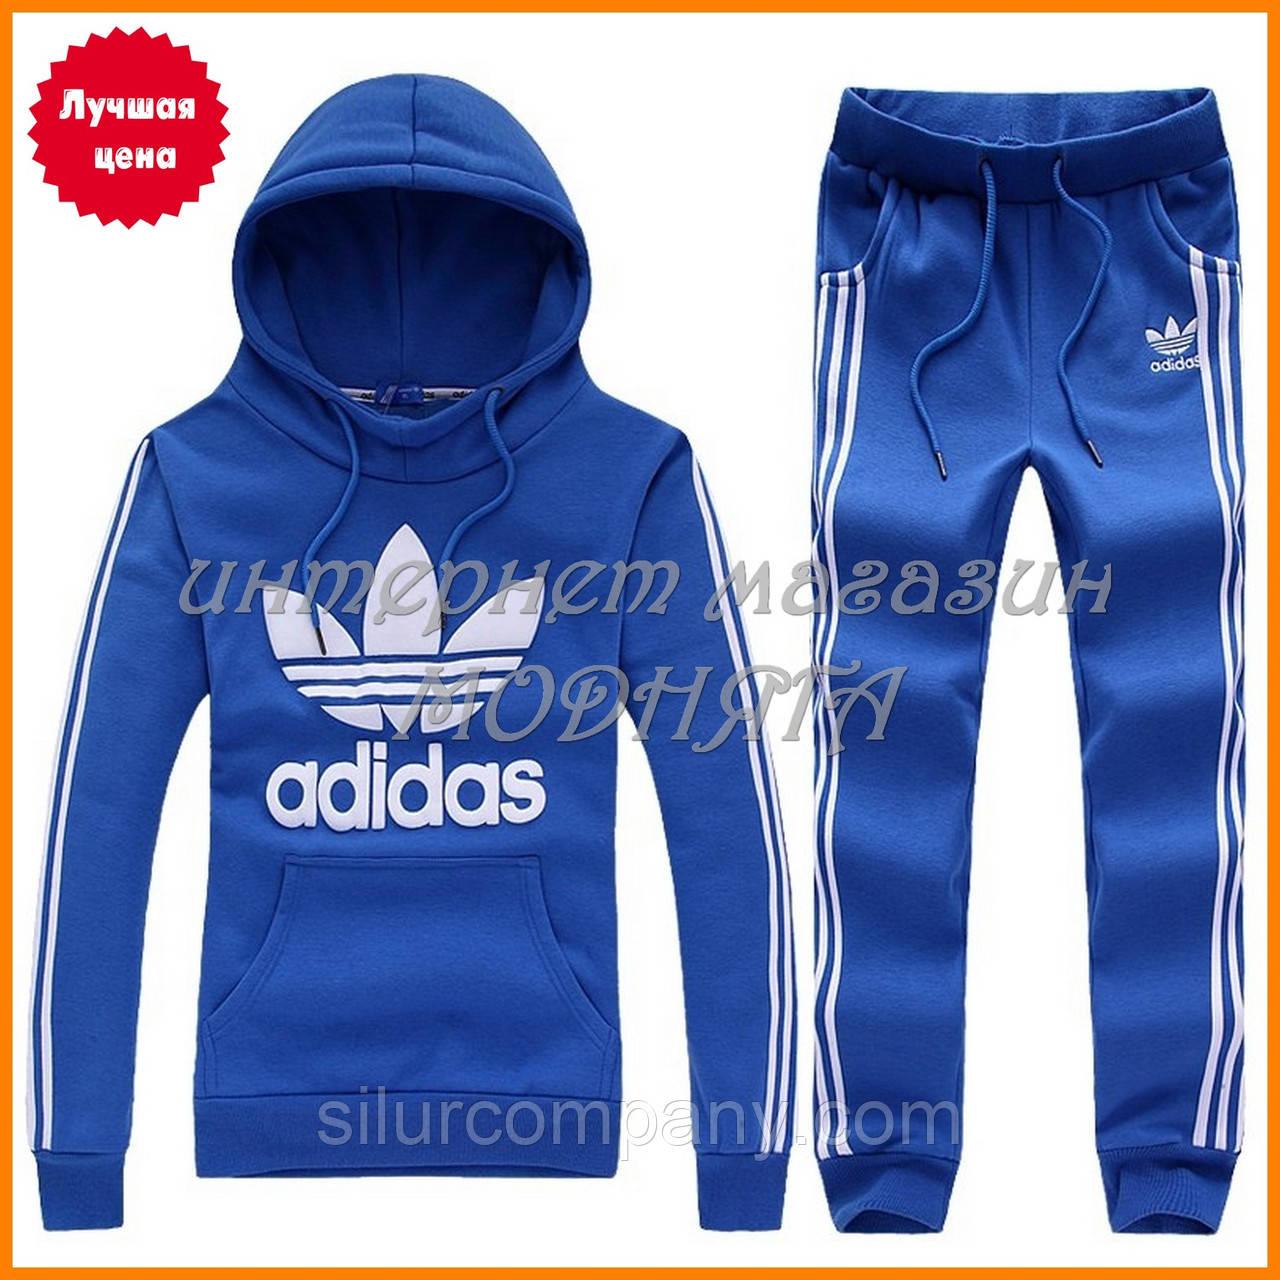 29d79af3 Подростковый спортивный костюм ADIDAS - Интернет магазин